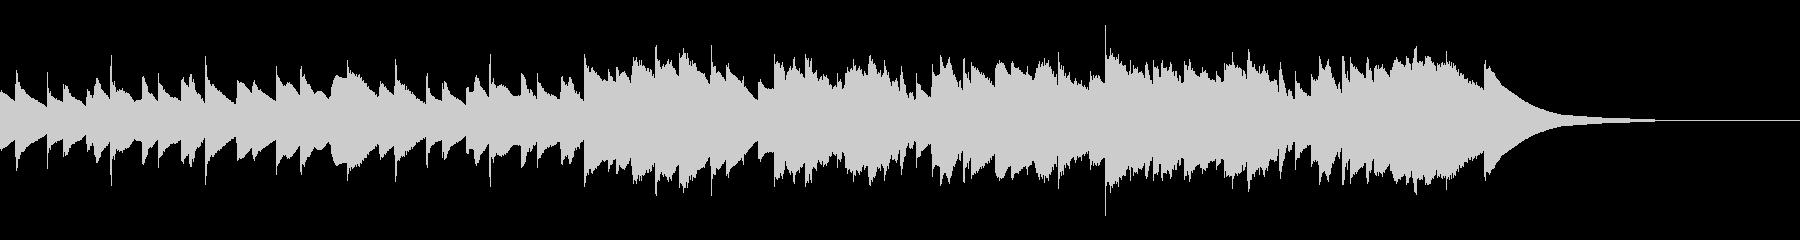 チェレスタの悲しいグリーンスリーブスの未再生の波形